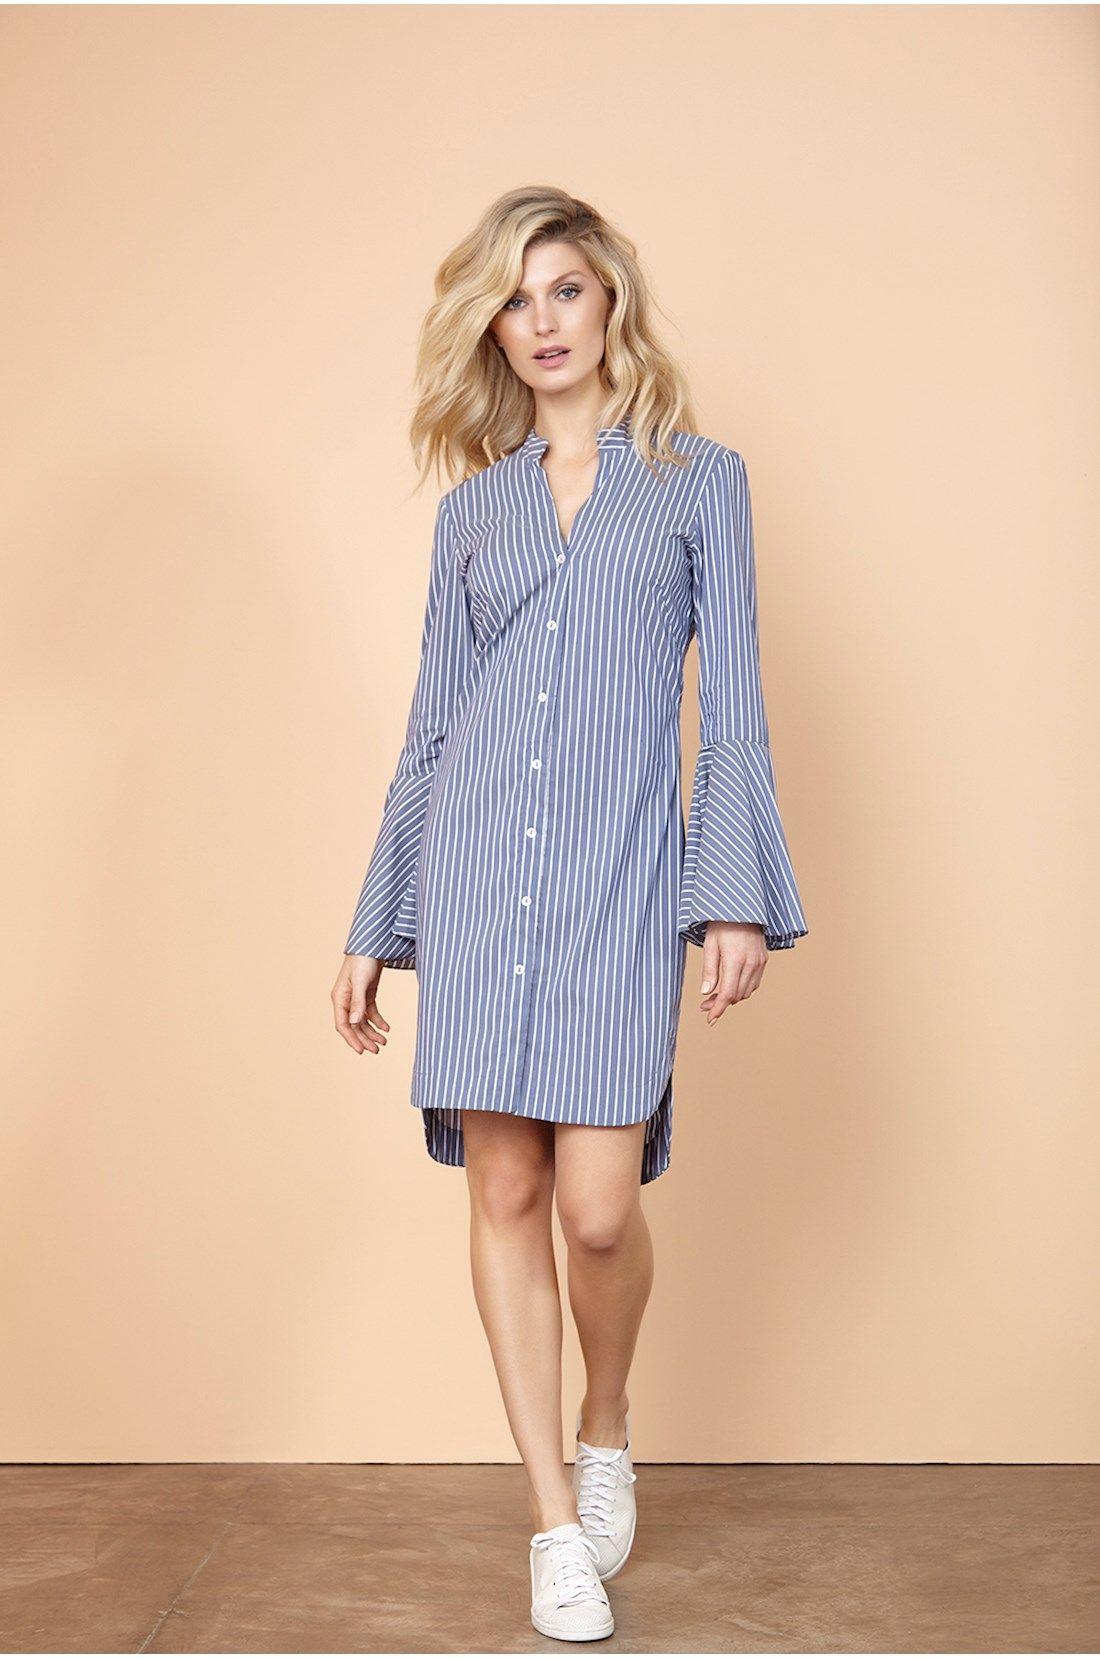 Blusa estilo chemise com listra azul e branca. Botões para abertura ...